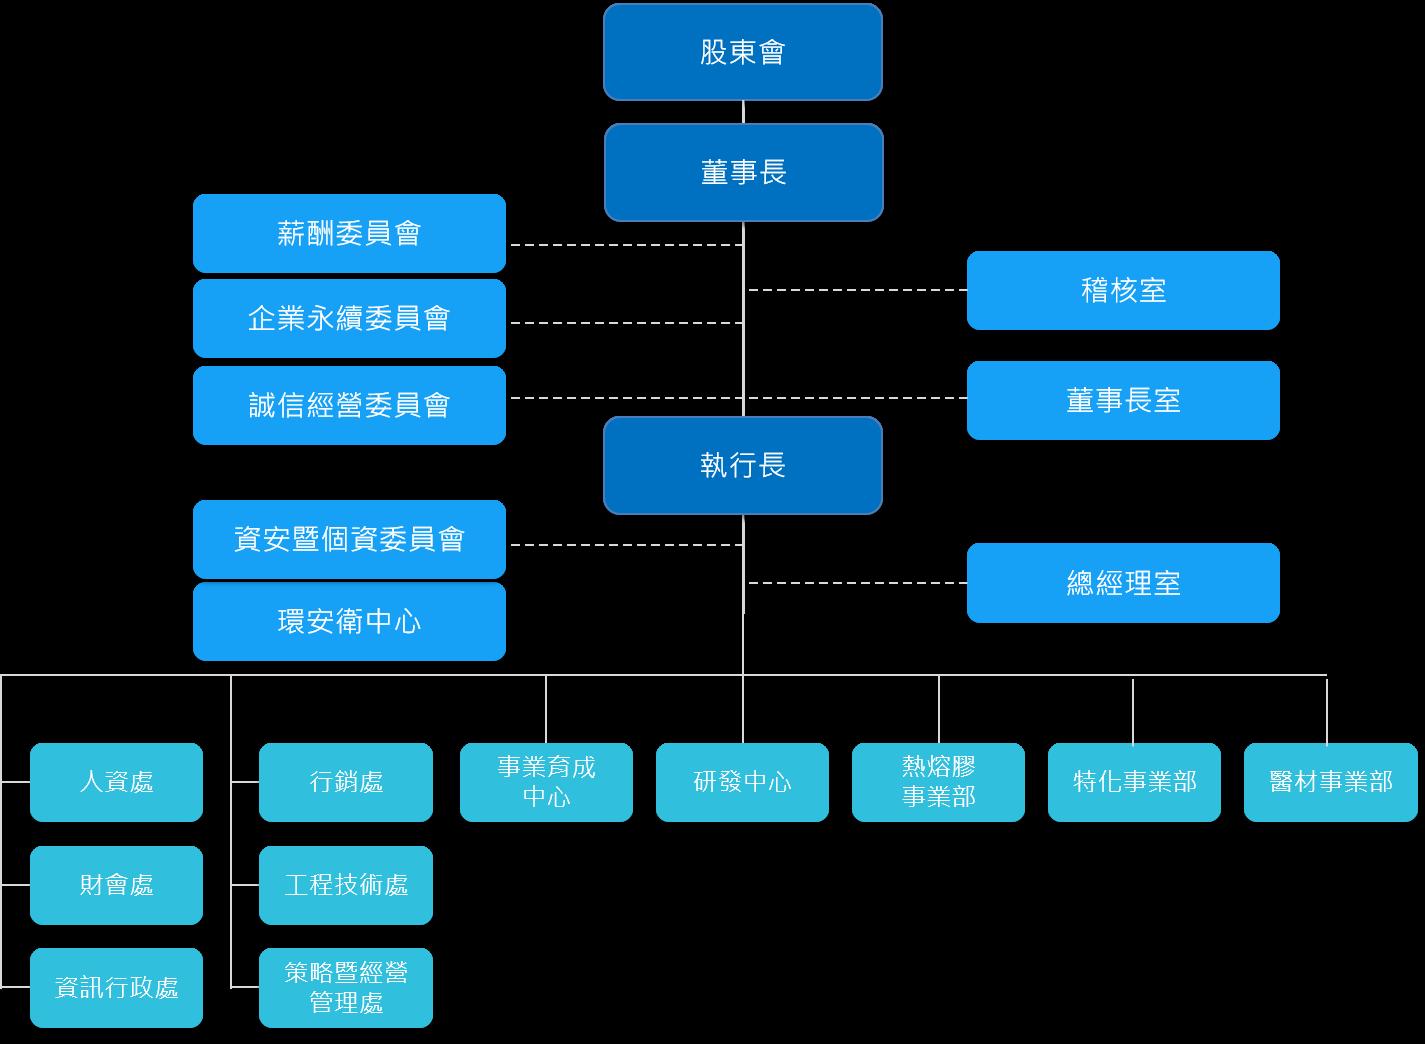 Organization chart 1